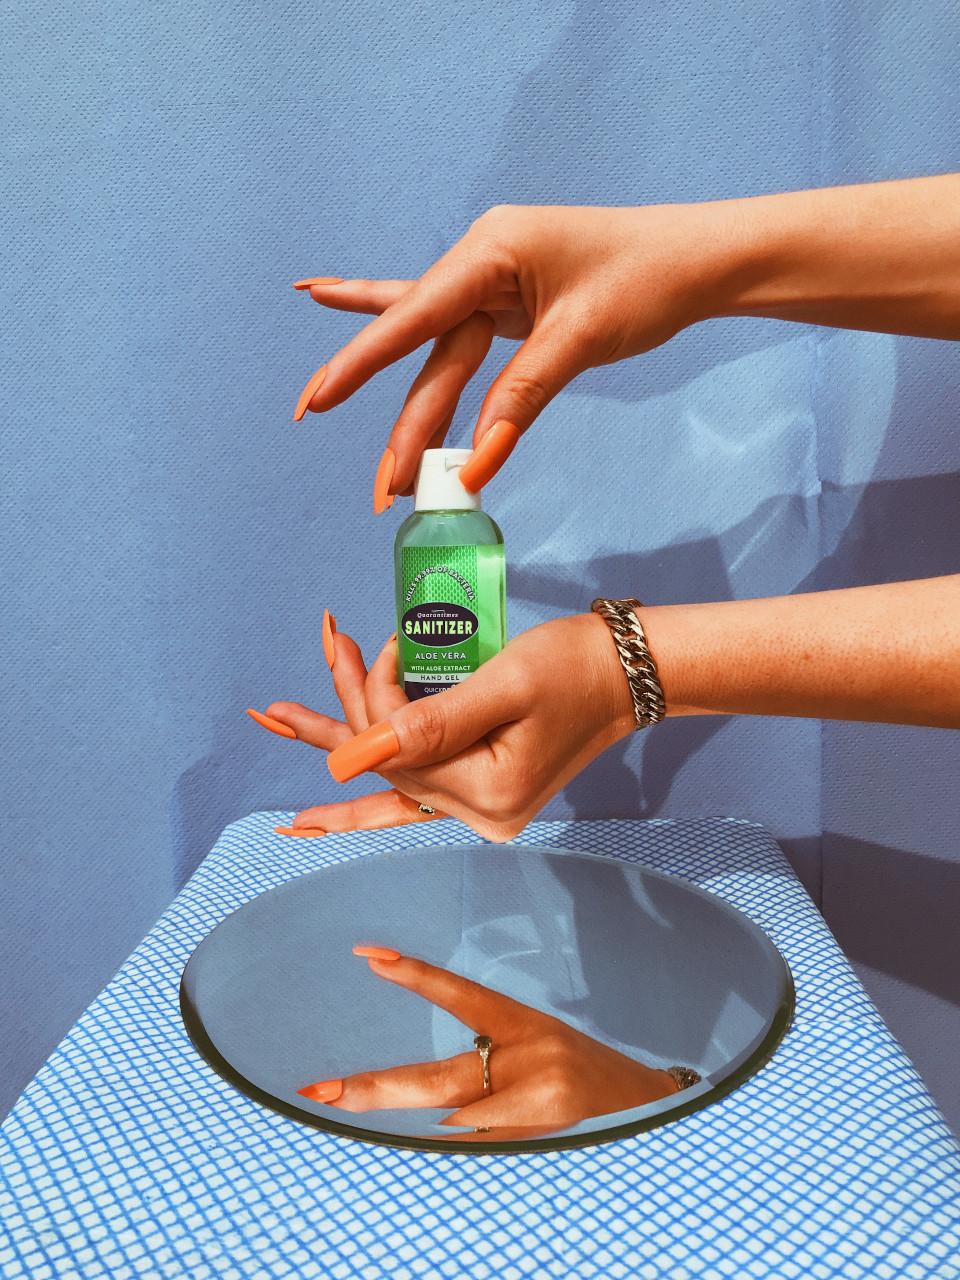 Feminine hands holding a bottle of hand sanatizer.